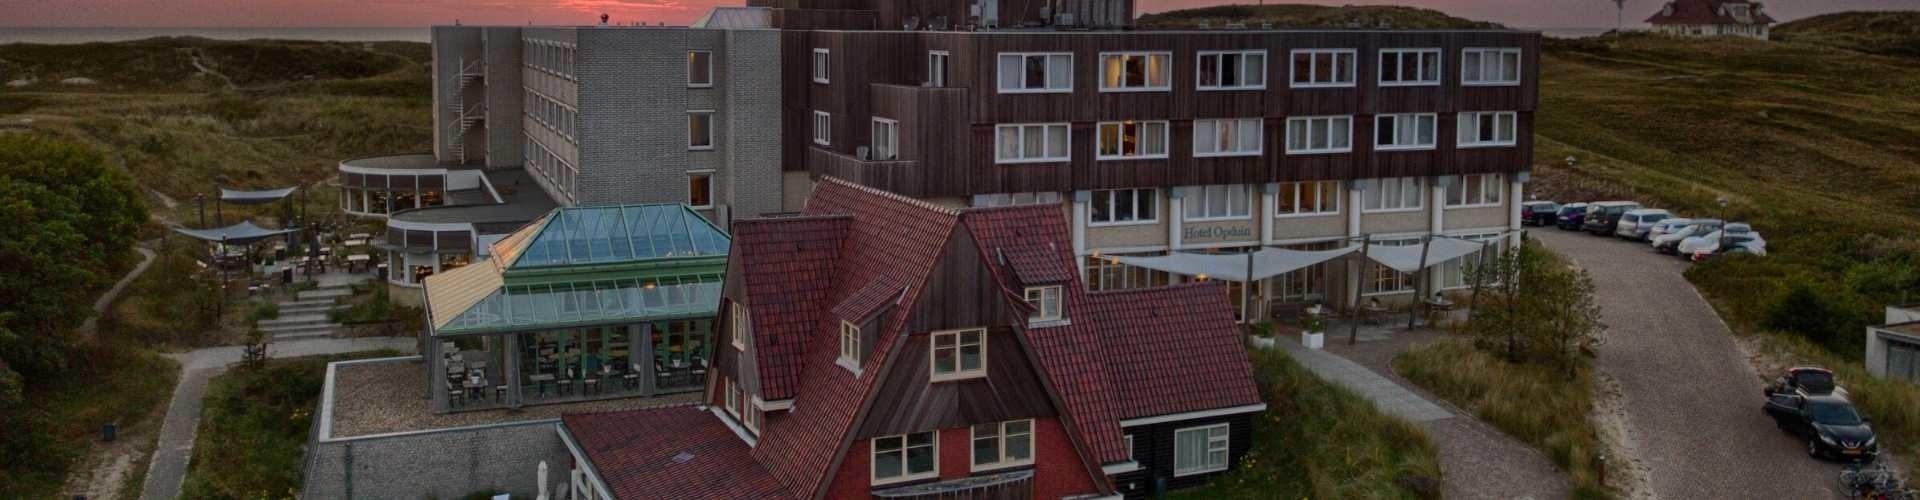 hotel opduin texel vanuit de lucht